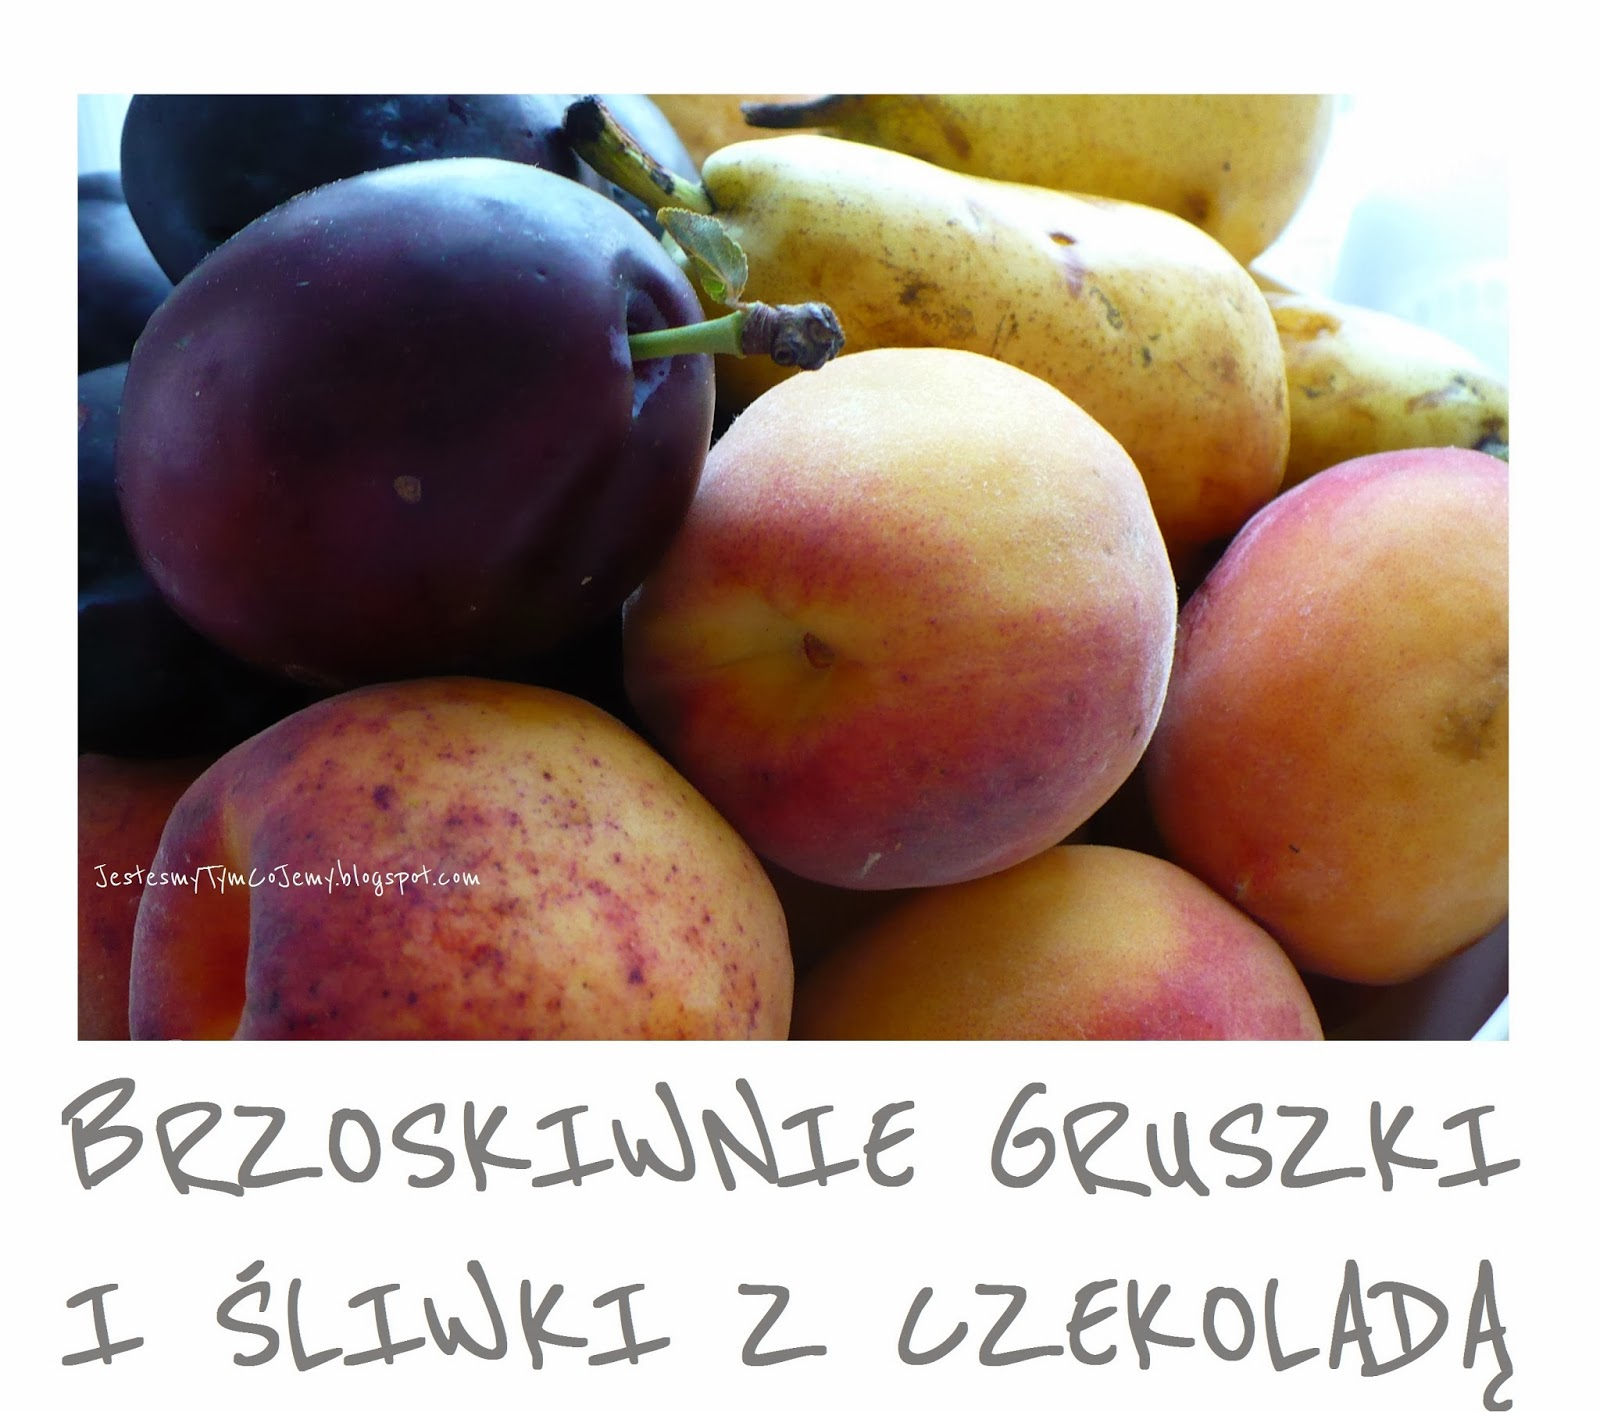 http://jestesmytymcojemy.blogspot.com/2013/09/powida-gruszkowo-brzoskwiniowo-sliwkowe.html